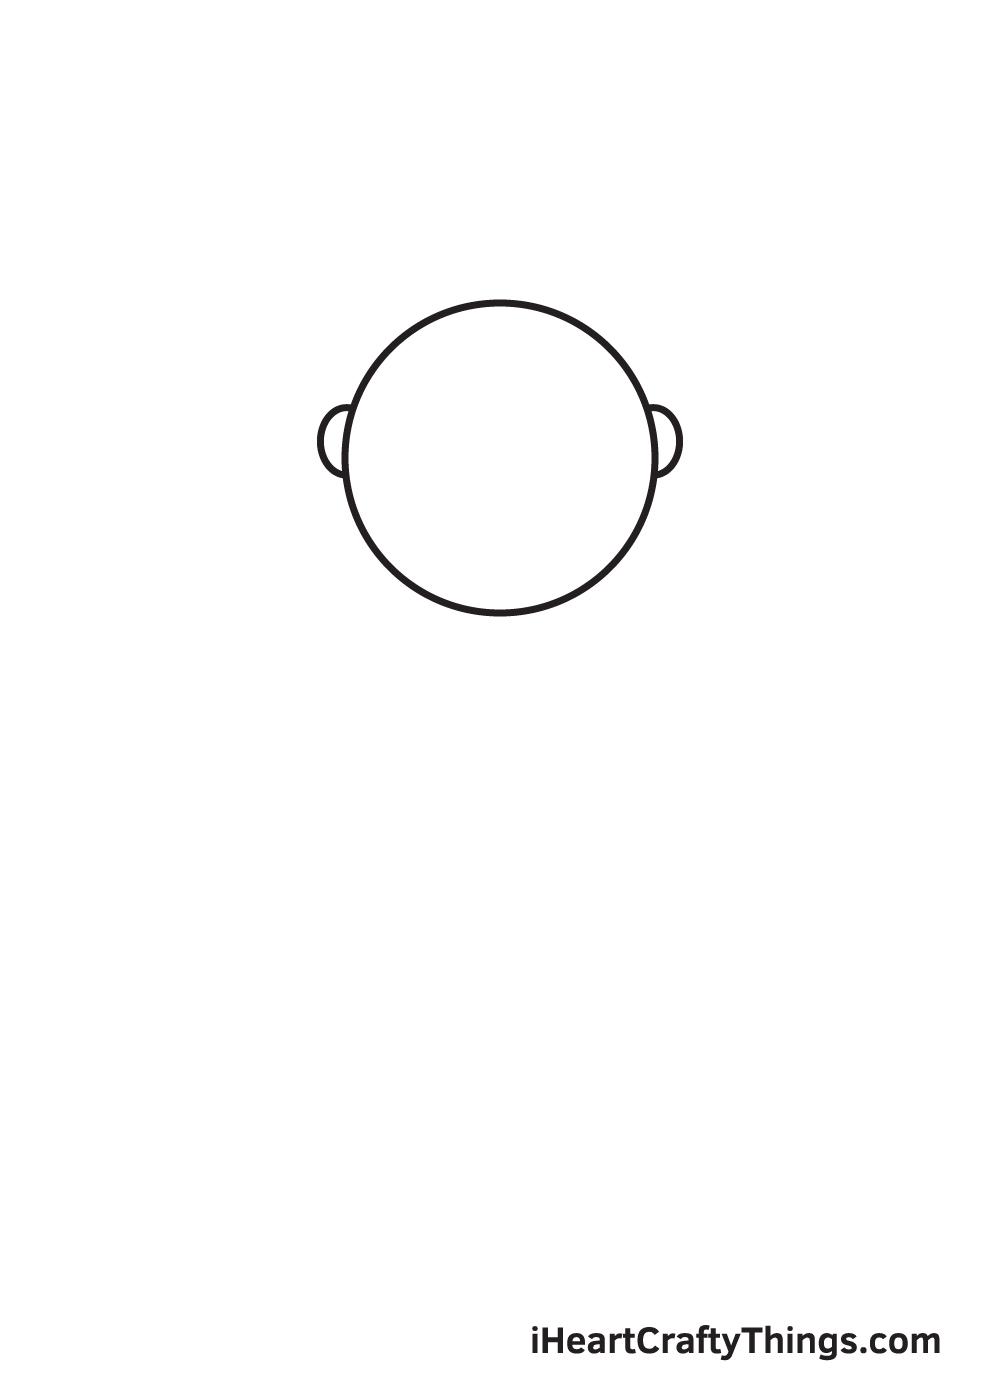 Santa Claus Drawing – Step 2